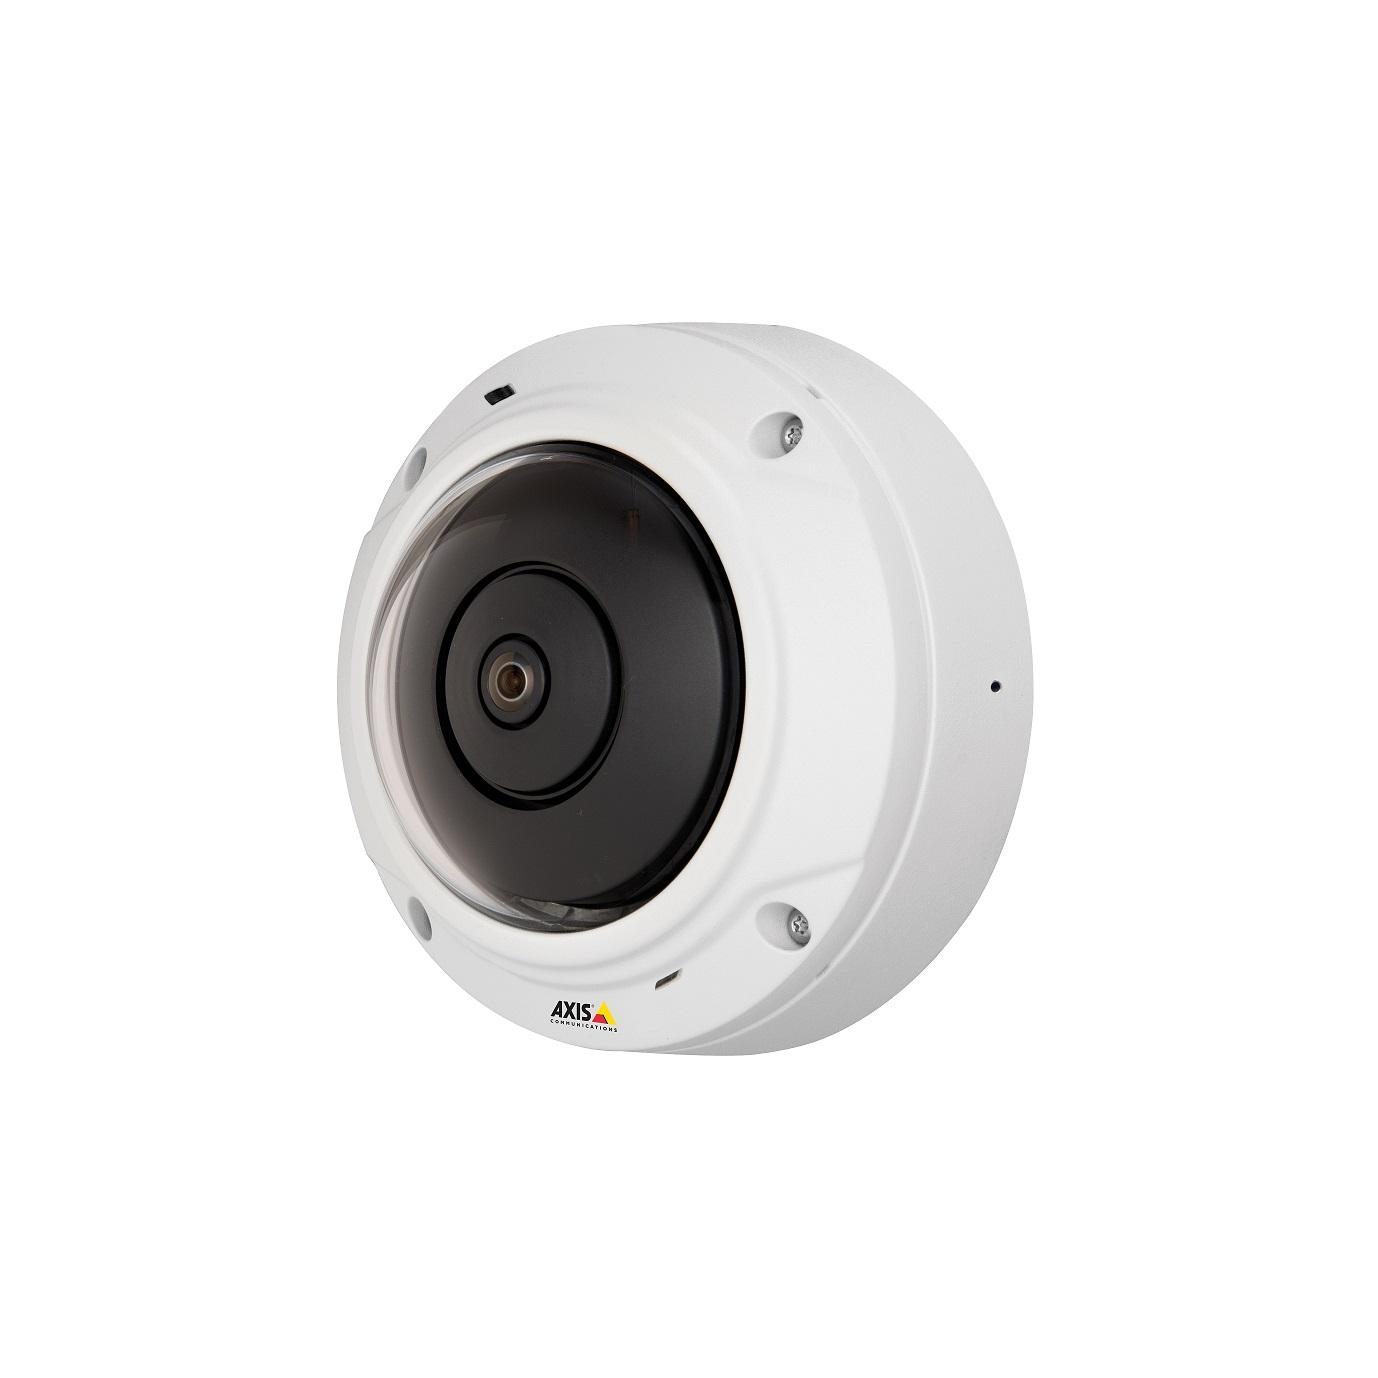 Axis lanseaza camera dome ce permite comunicarea bidirectionala si monitorizarea panoramica